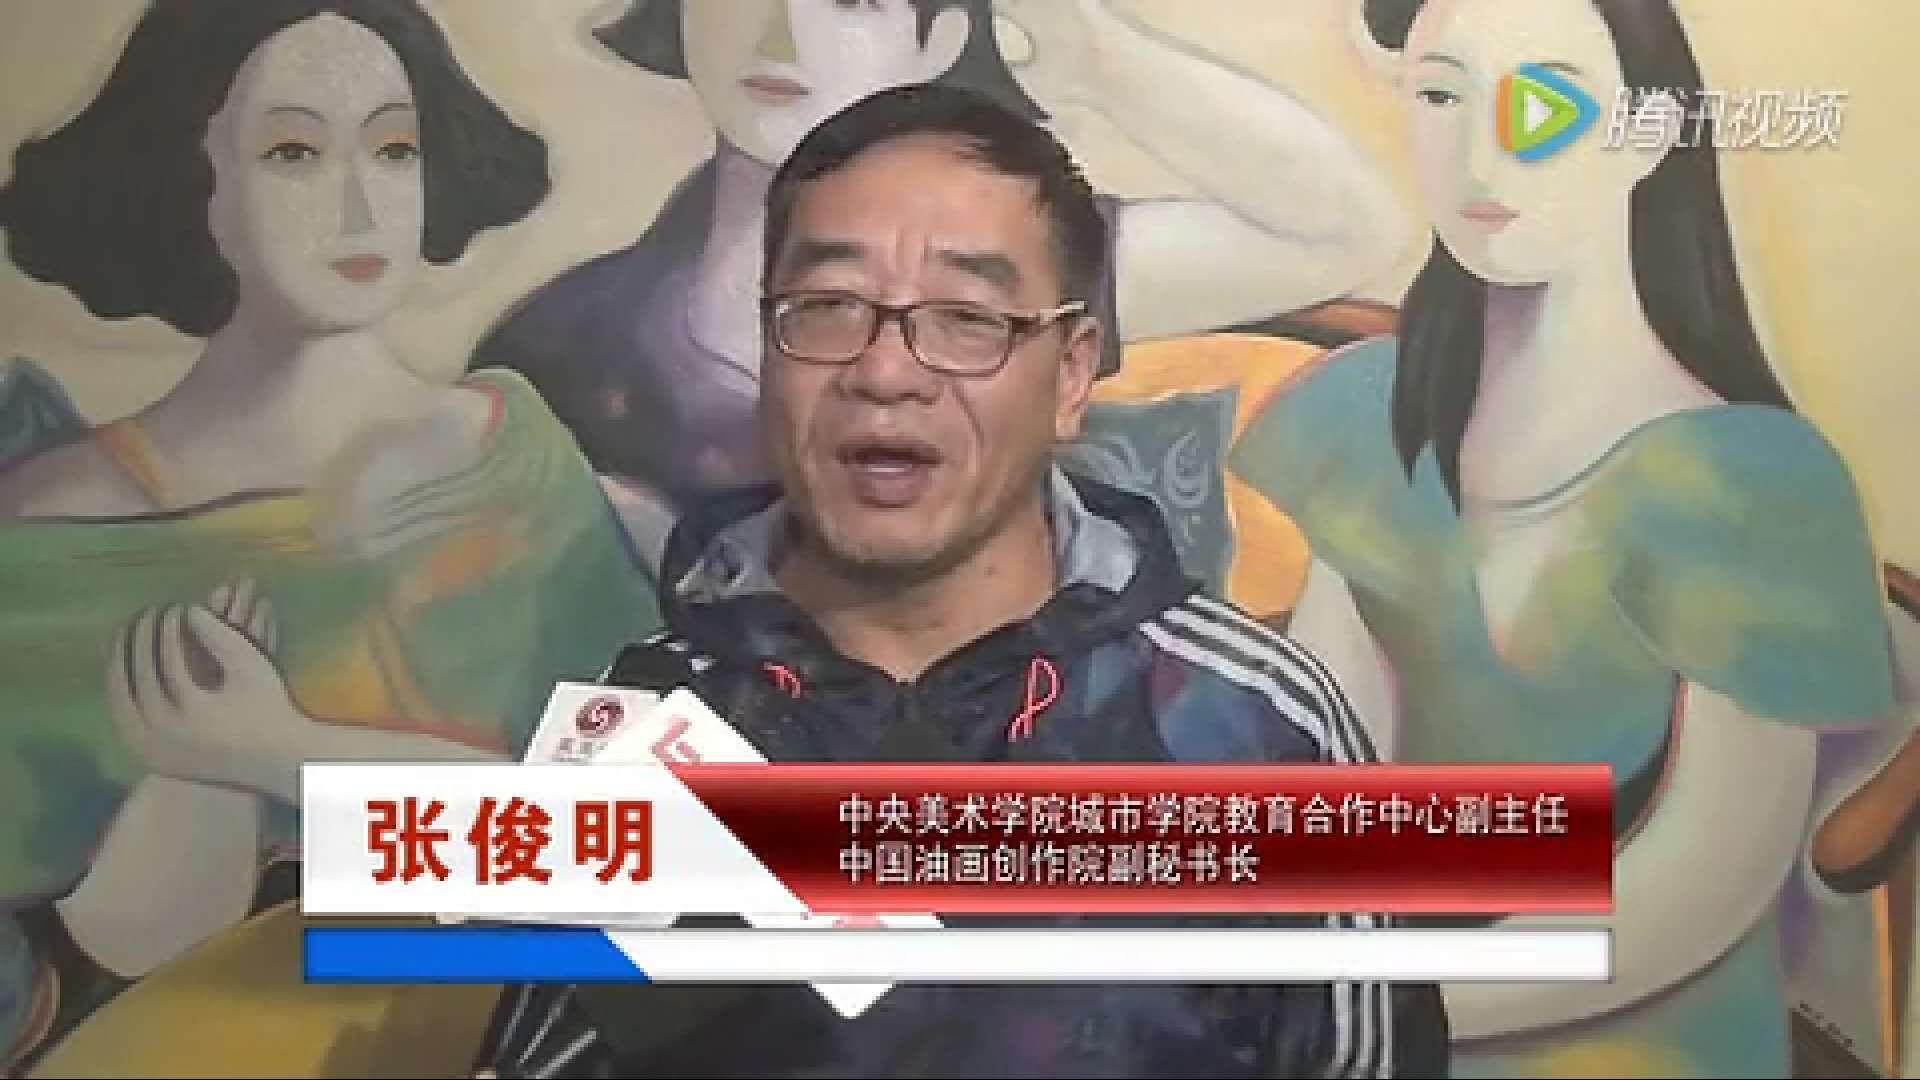 张俊明--中央美术学院城市学院学院教育合作中心副主任 中国油画创作院副秘书长评价